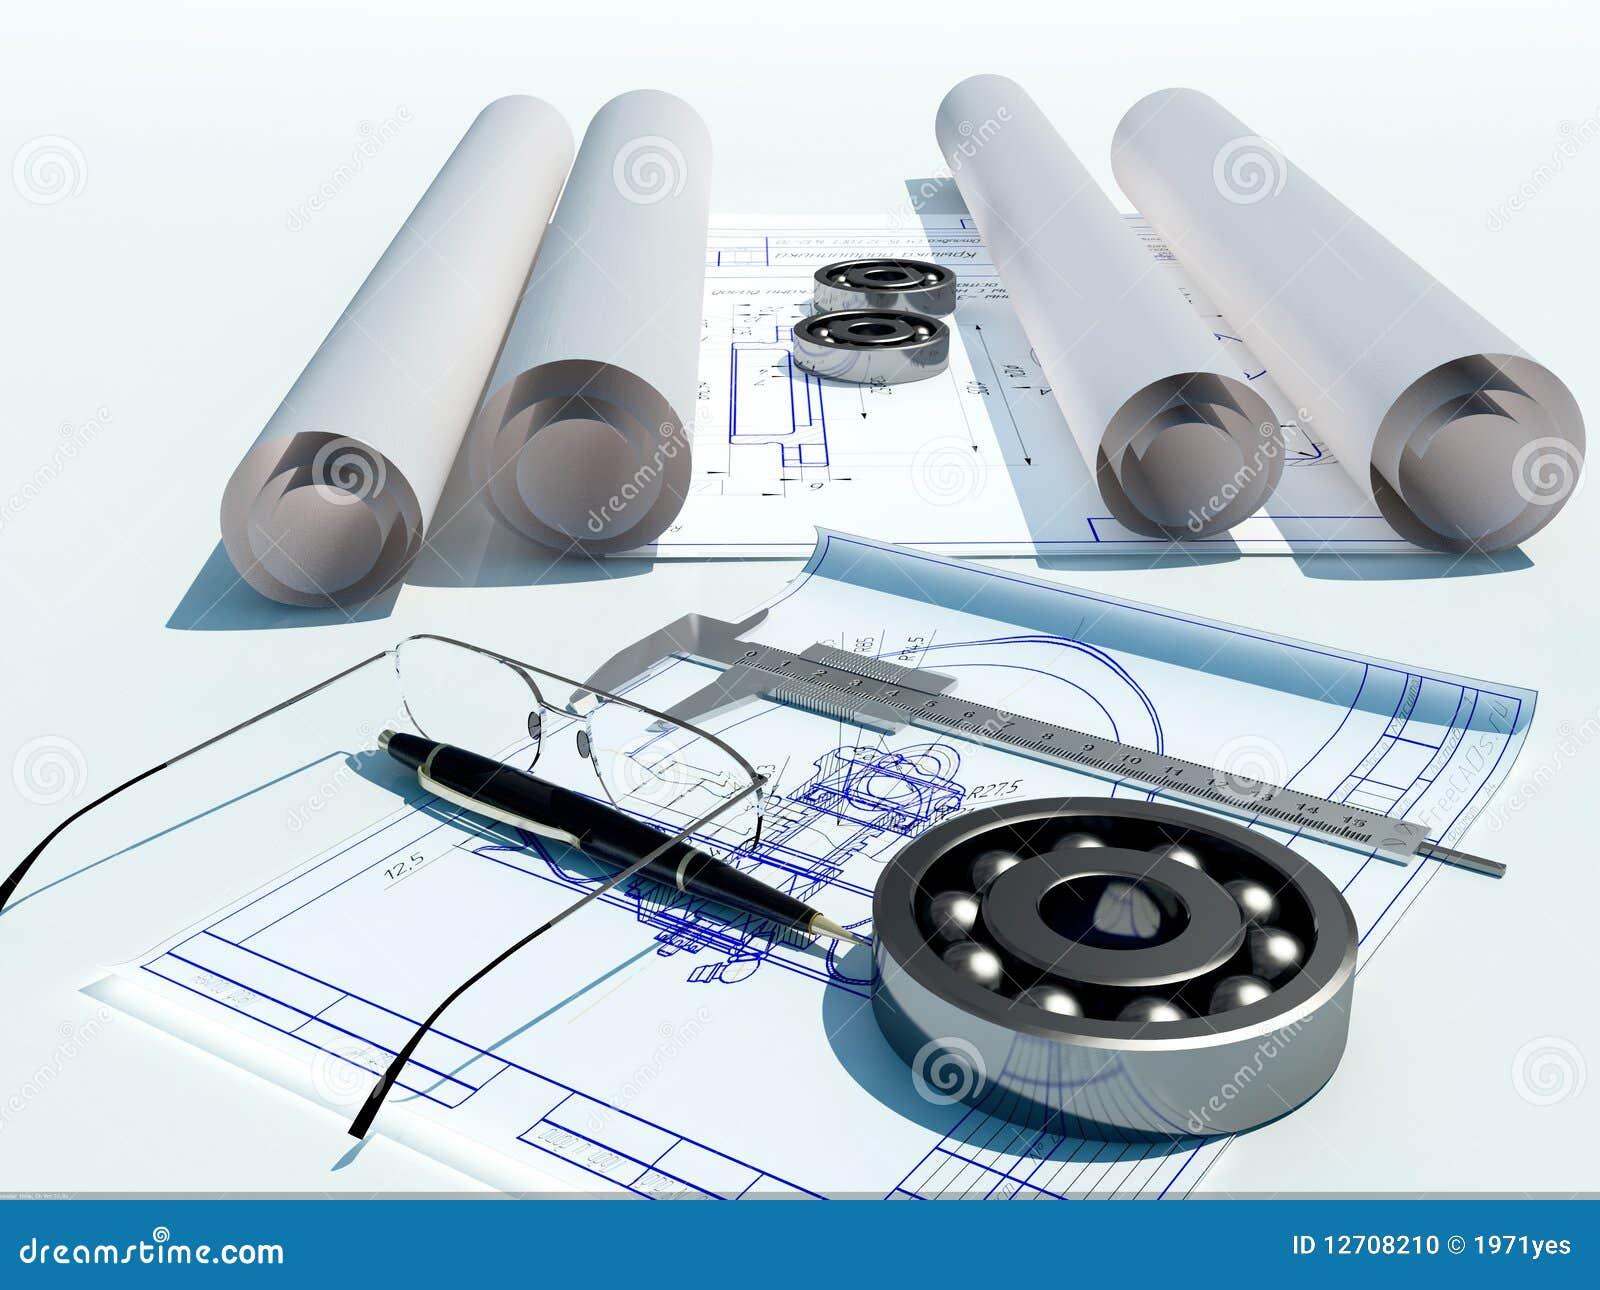 Model van een huis stock illustratie afbeelding bestaande uit carri re 12708210 - Model van huisarchitectuur ...